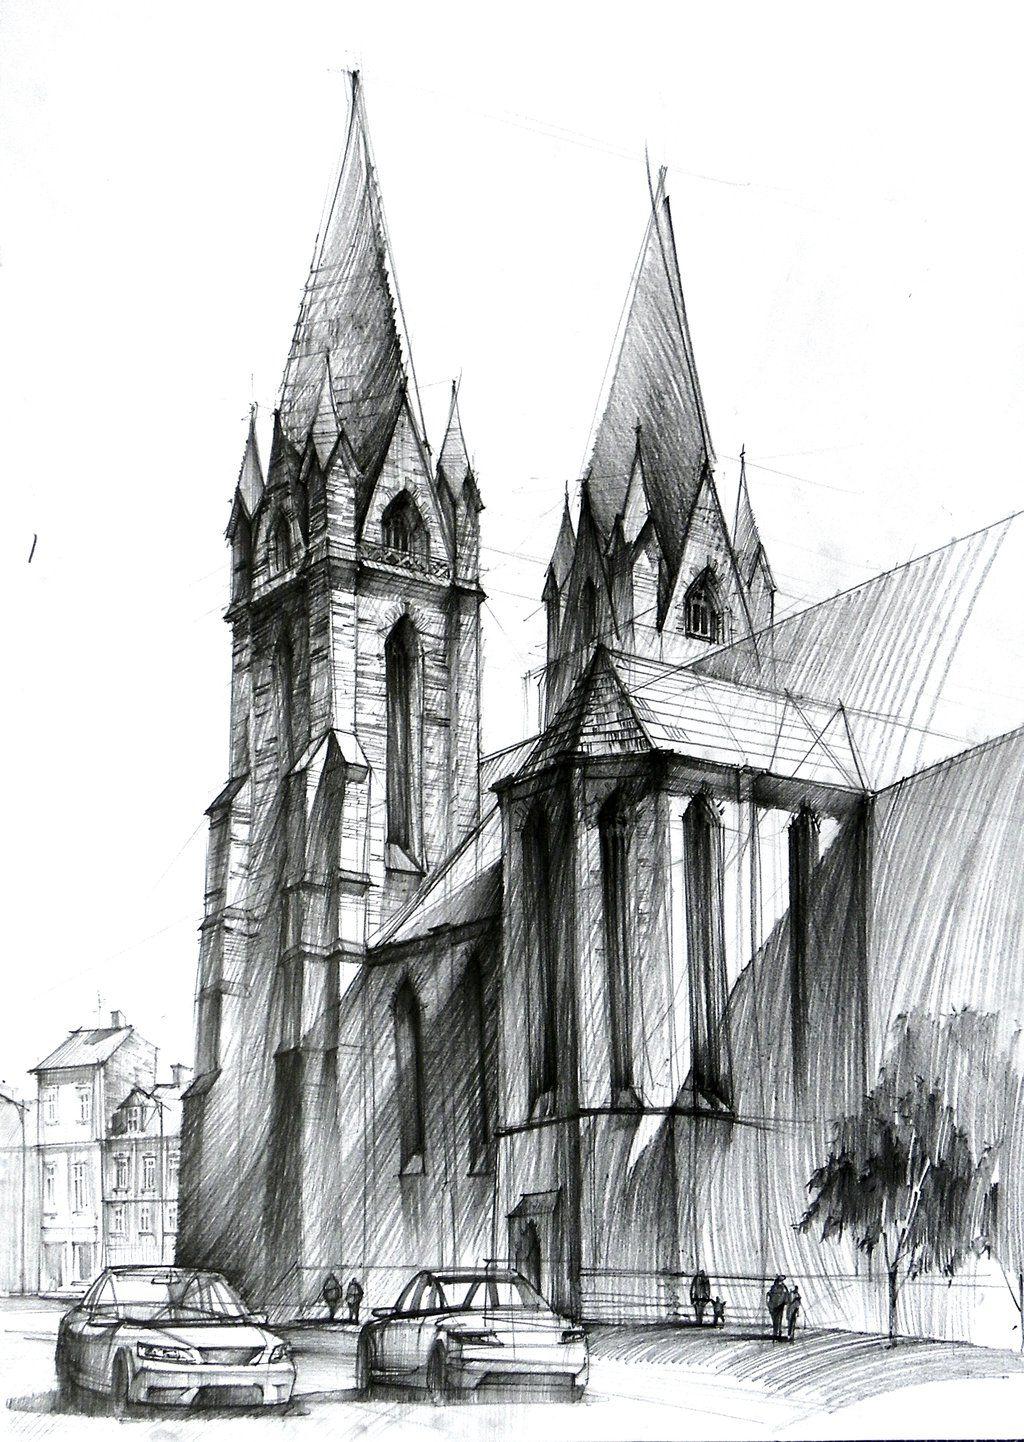 Gothic Cathedral II Katedra Gotycka By Lukasz Gac